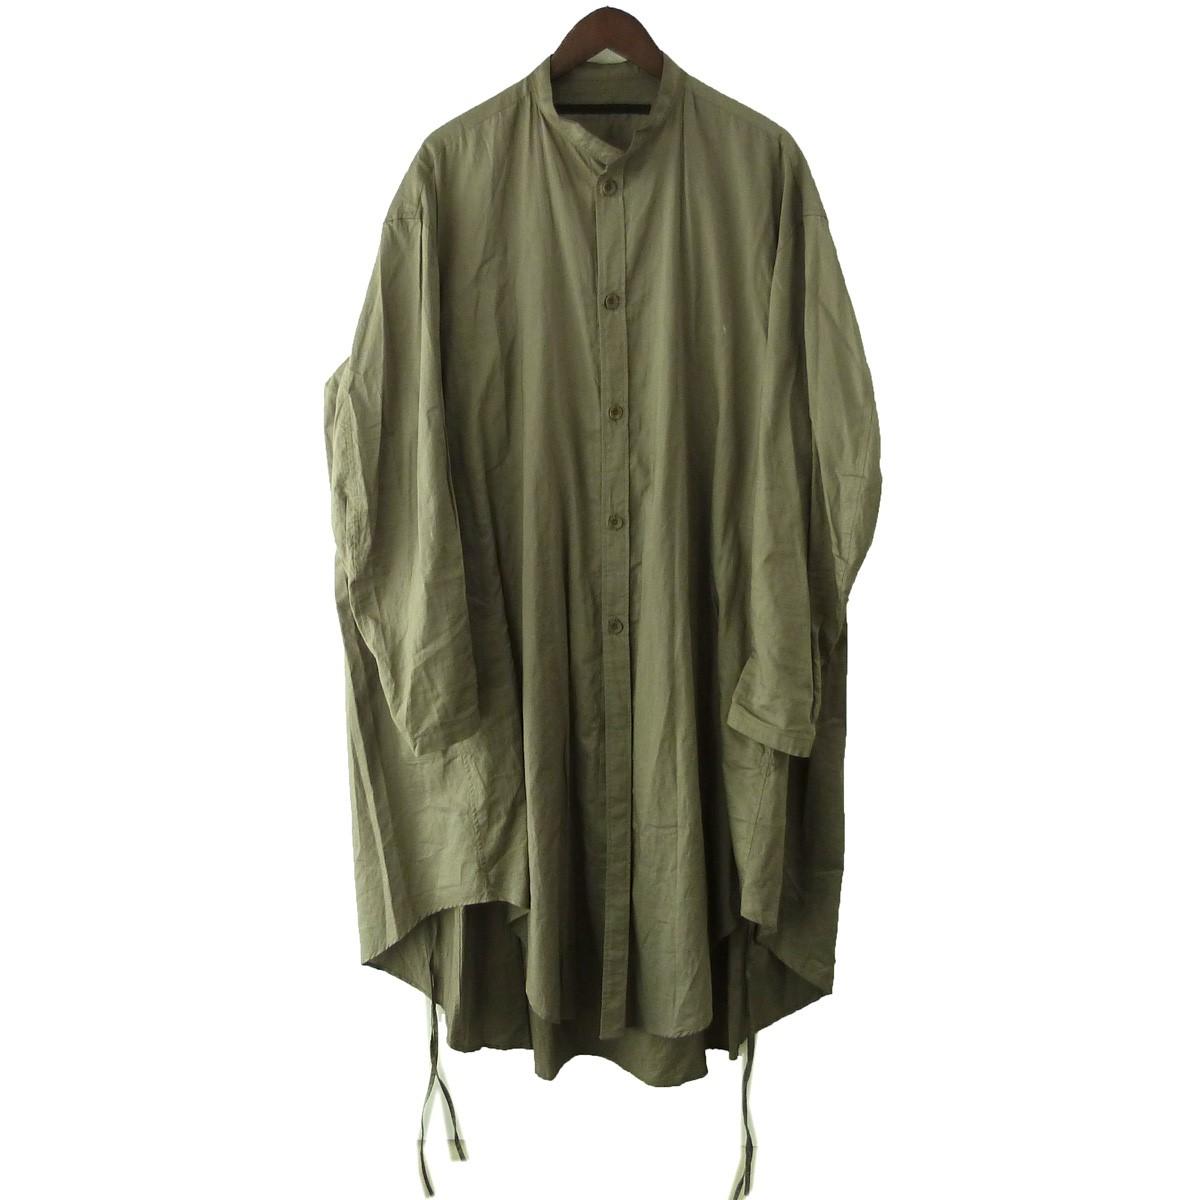 【中古】JULIUS20SS「OVER SHIRTS COAT」オーバーシャツコート ベージュ サイズ:2 【6月1日見直し】